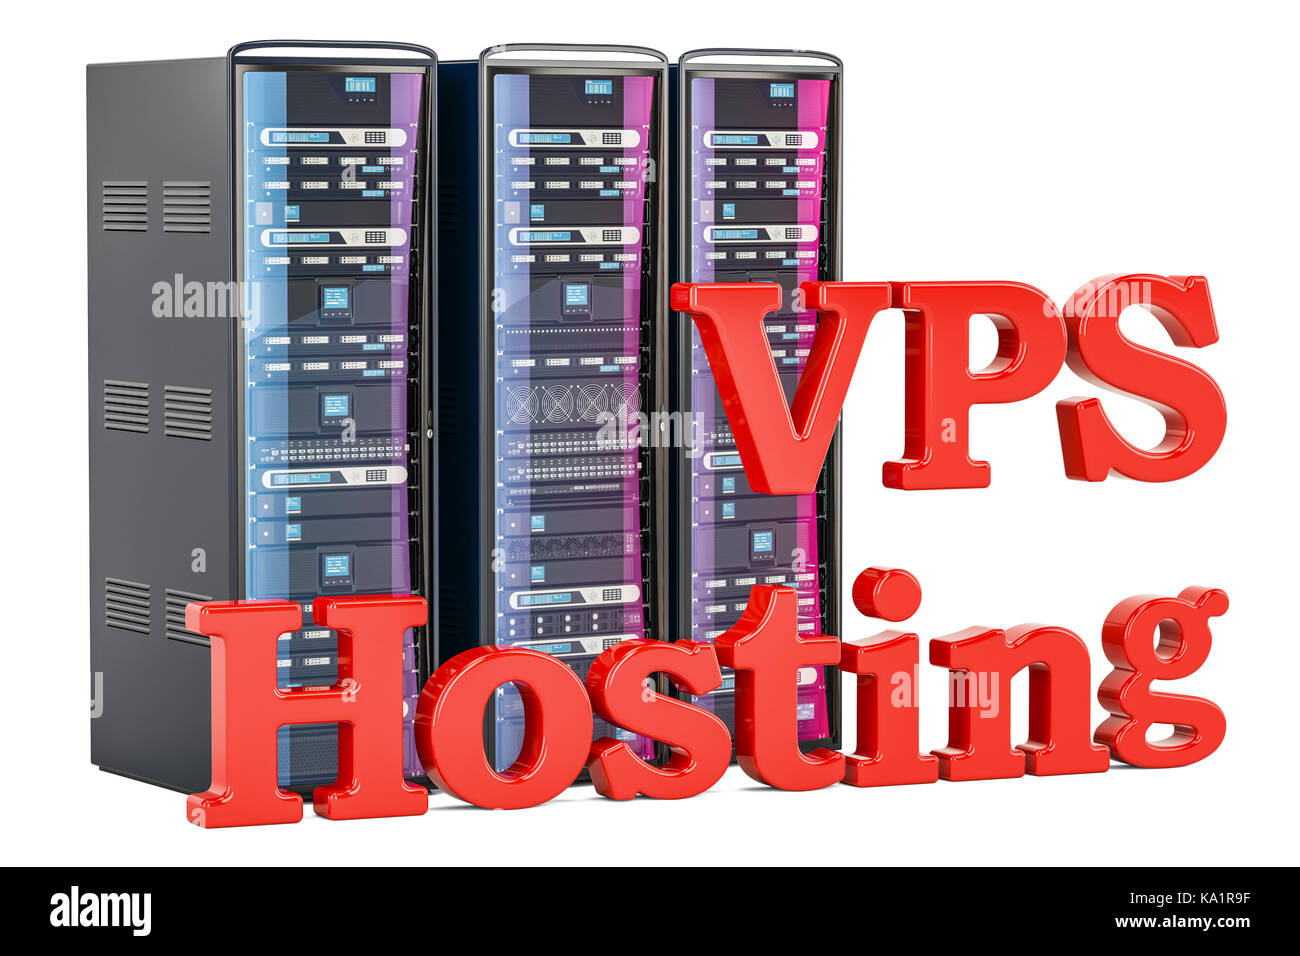 создаем прокси сервер на vps